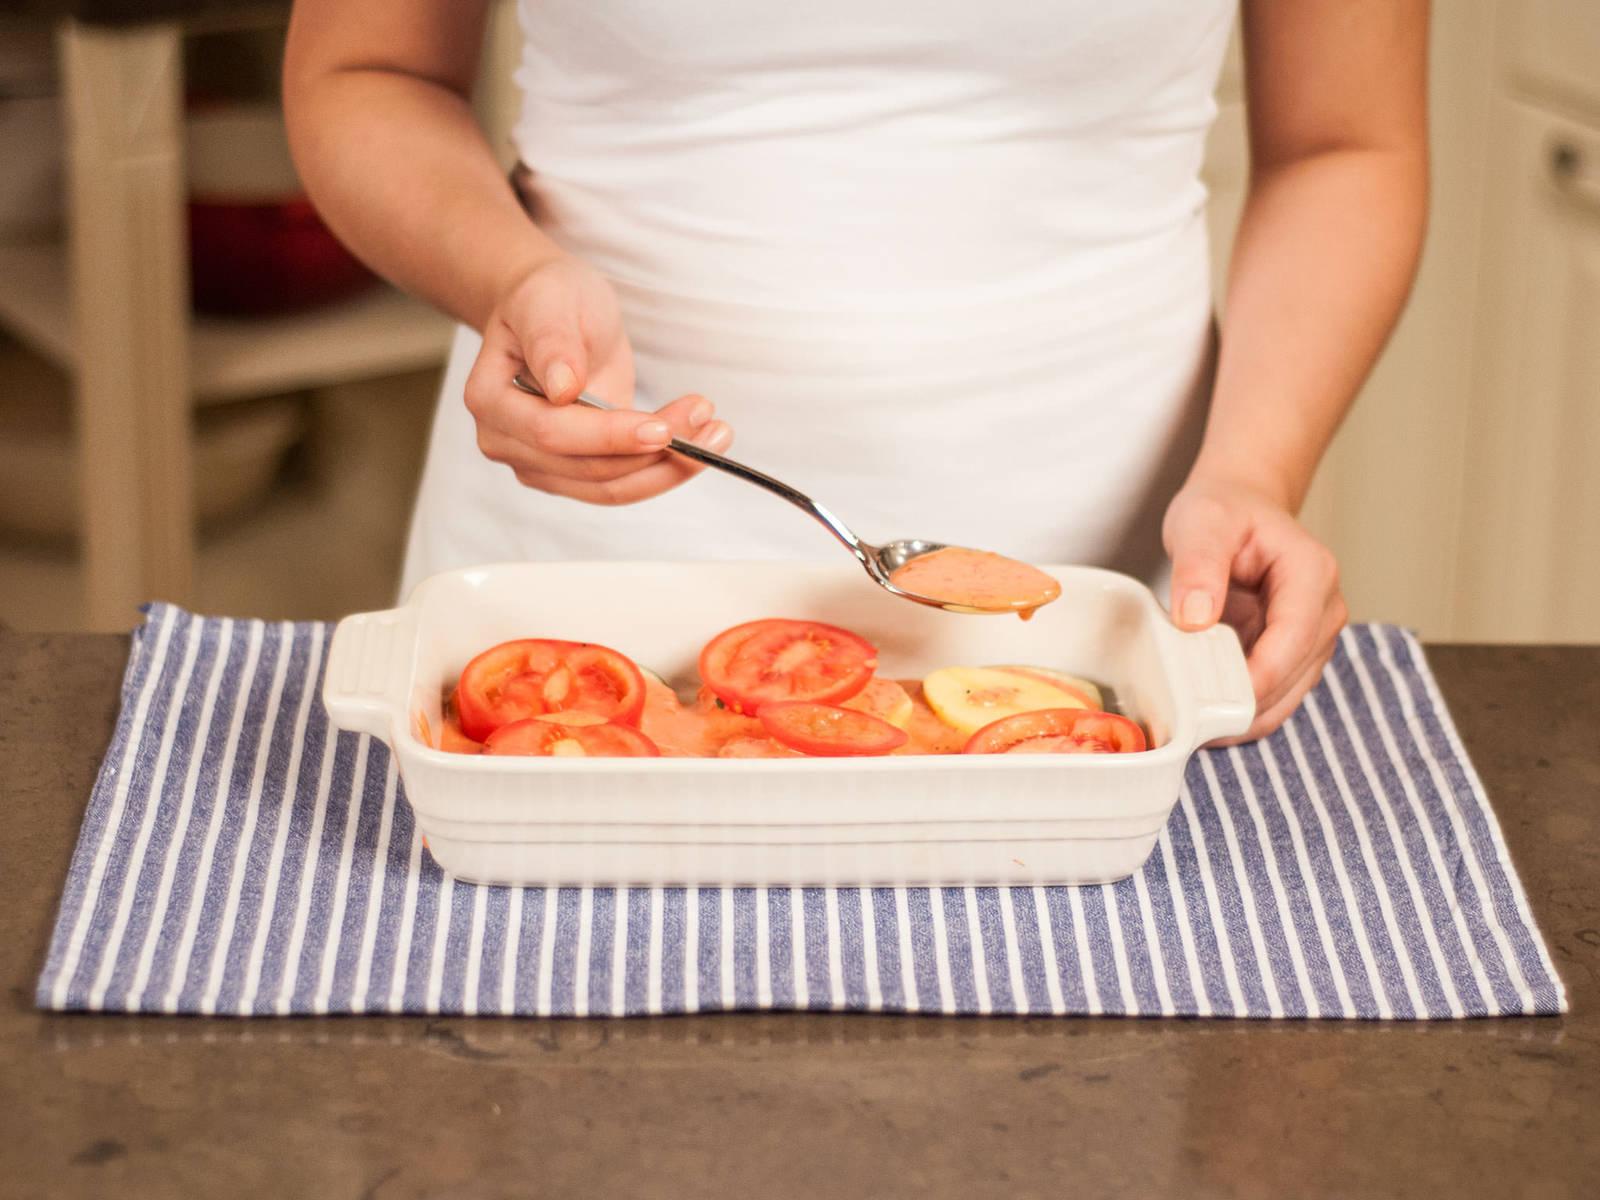 组合茄盒:在焙盘底部放一层茄子,将土豆片放在茄子上,上面浇上豆酱混合物。在顶上放上番茄片。